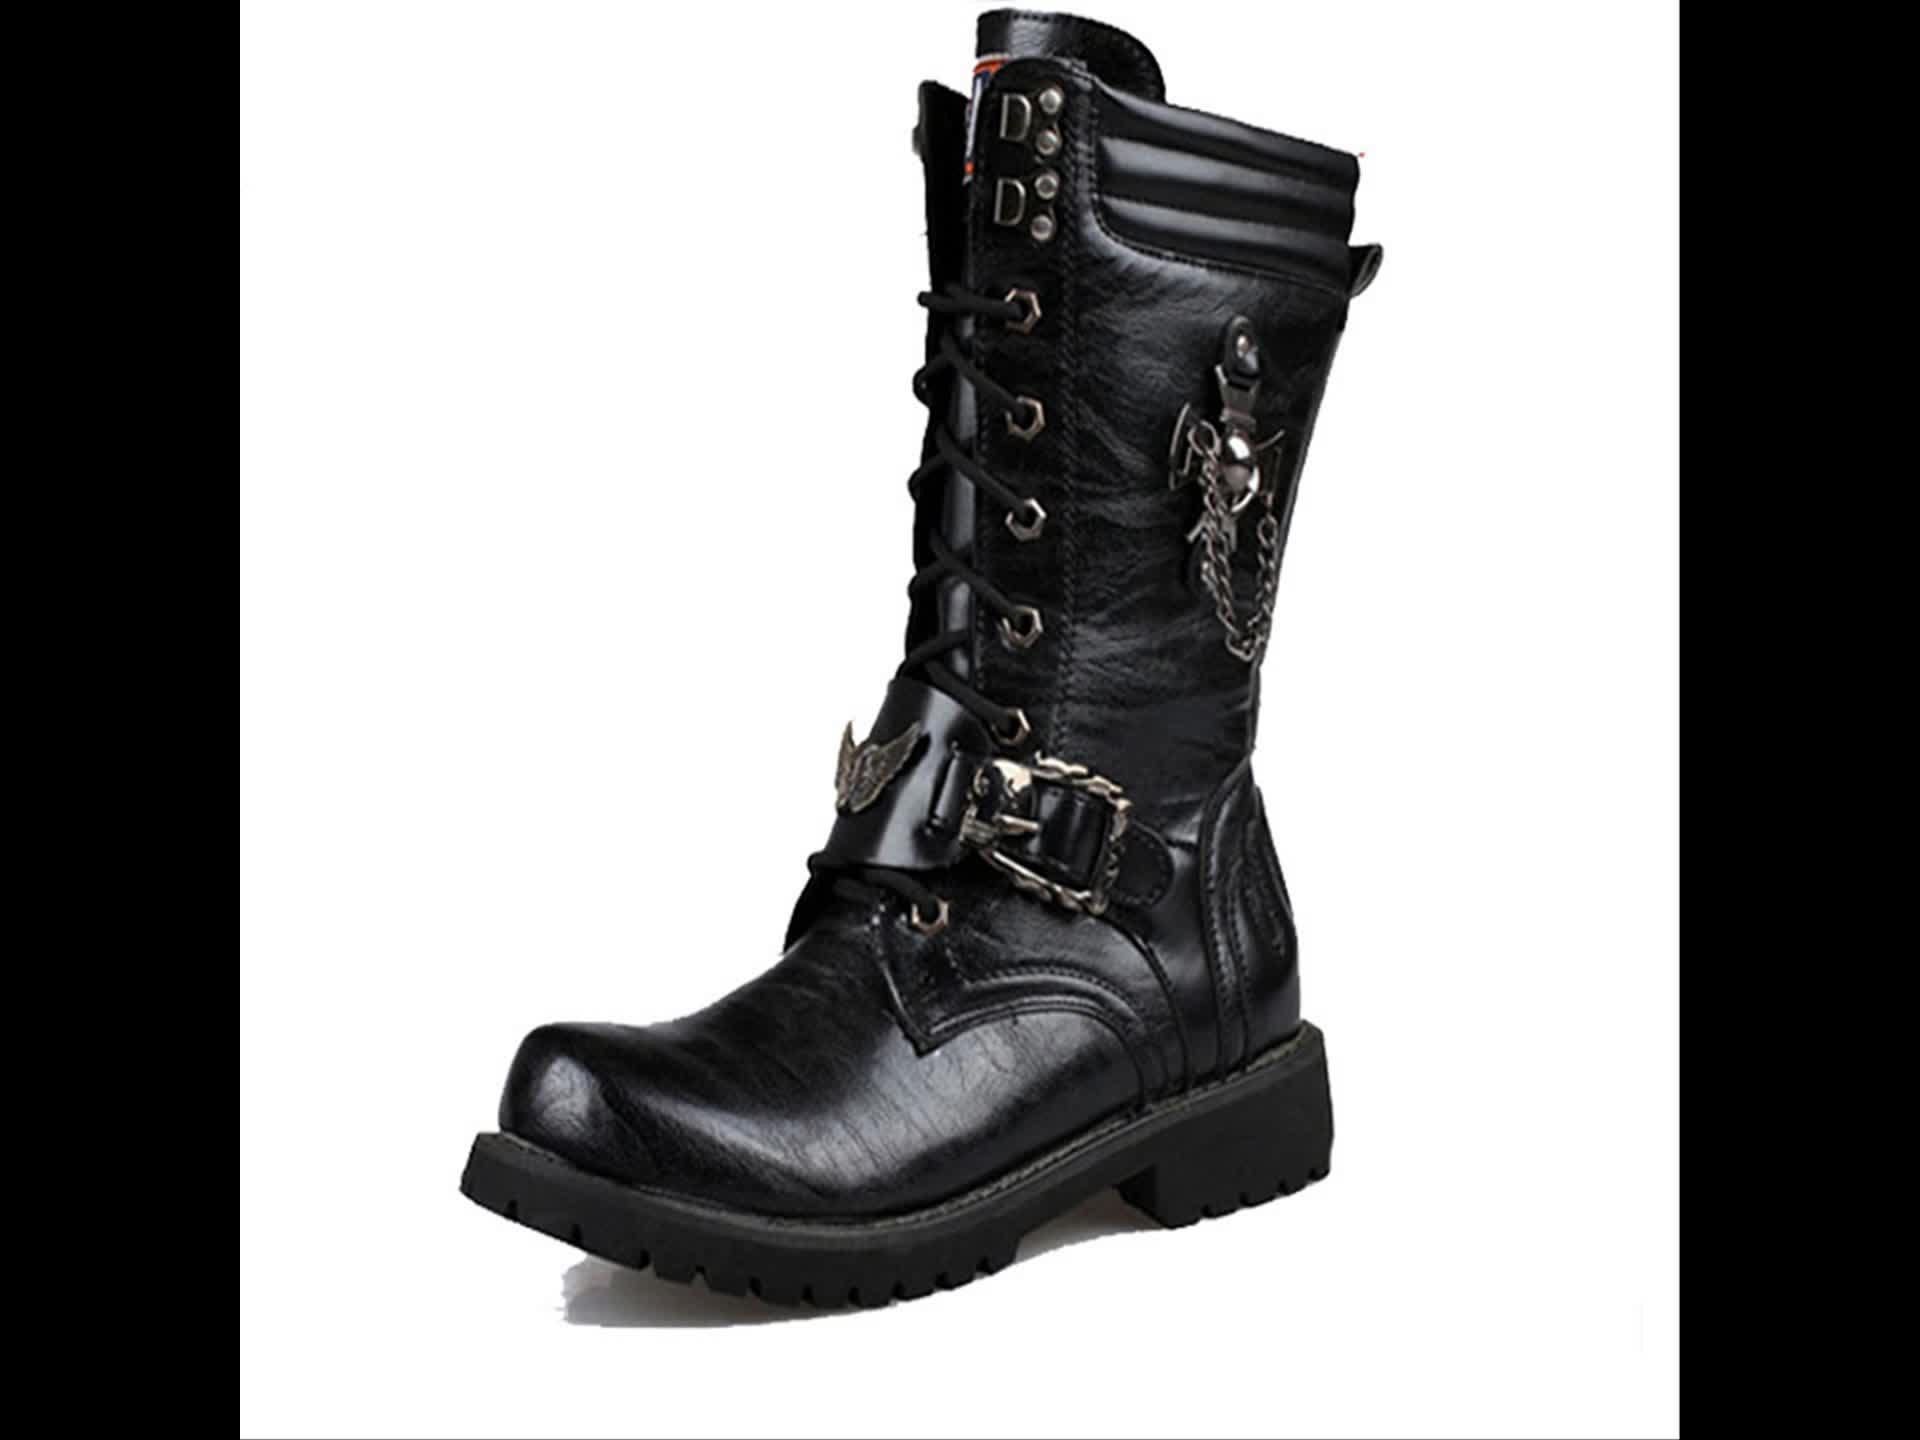 सर्दियों लंबे जूते अमेरिकी पश्चिमी चरवाहे जूते पुरुषों